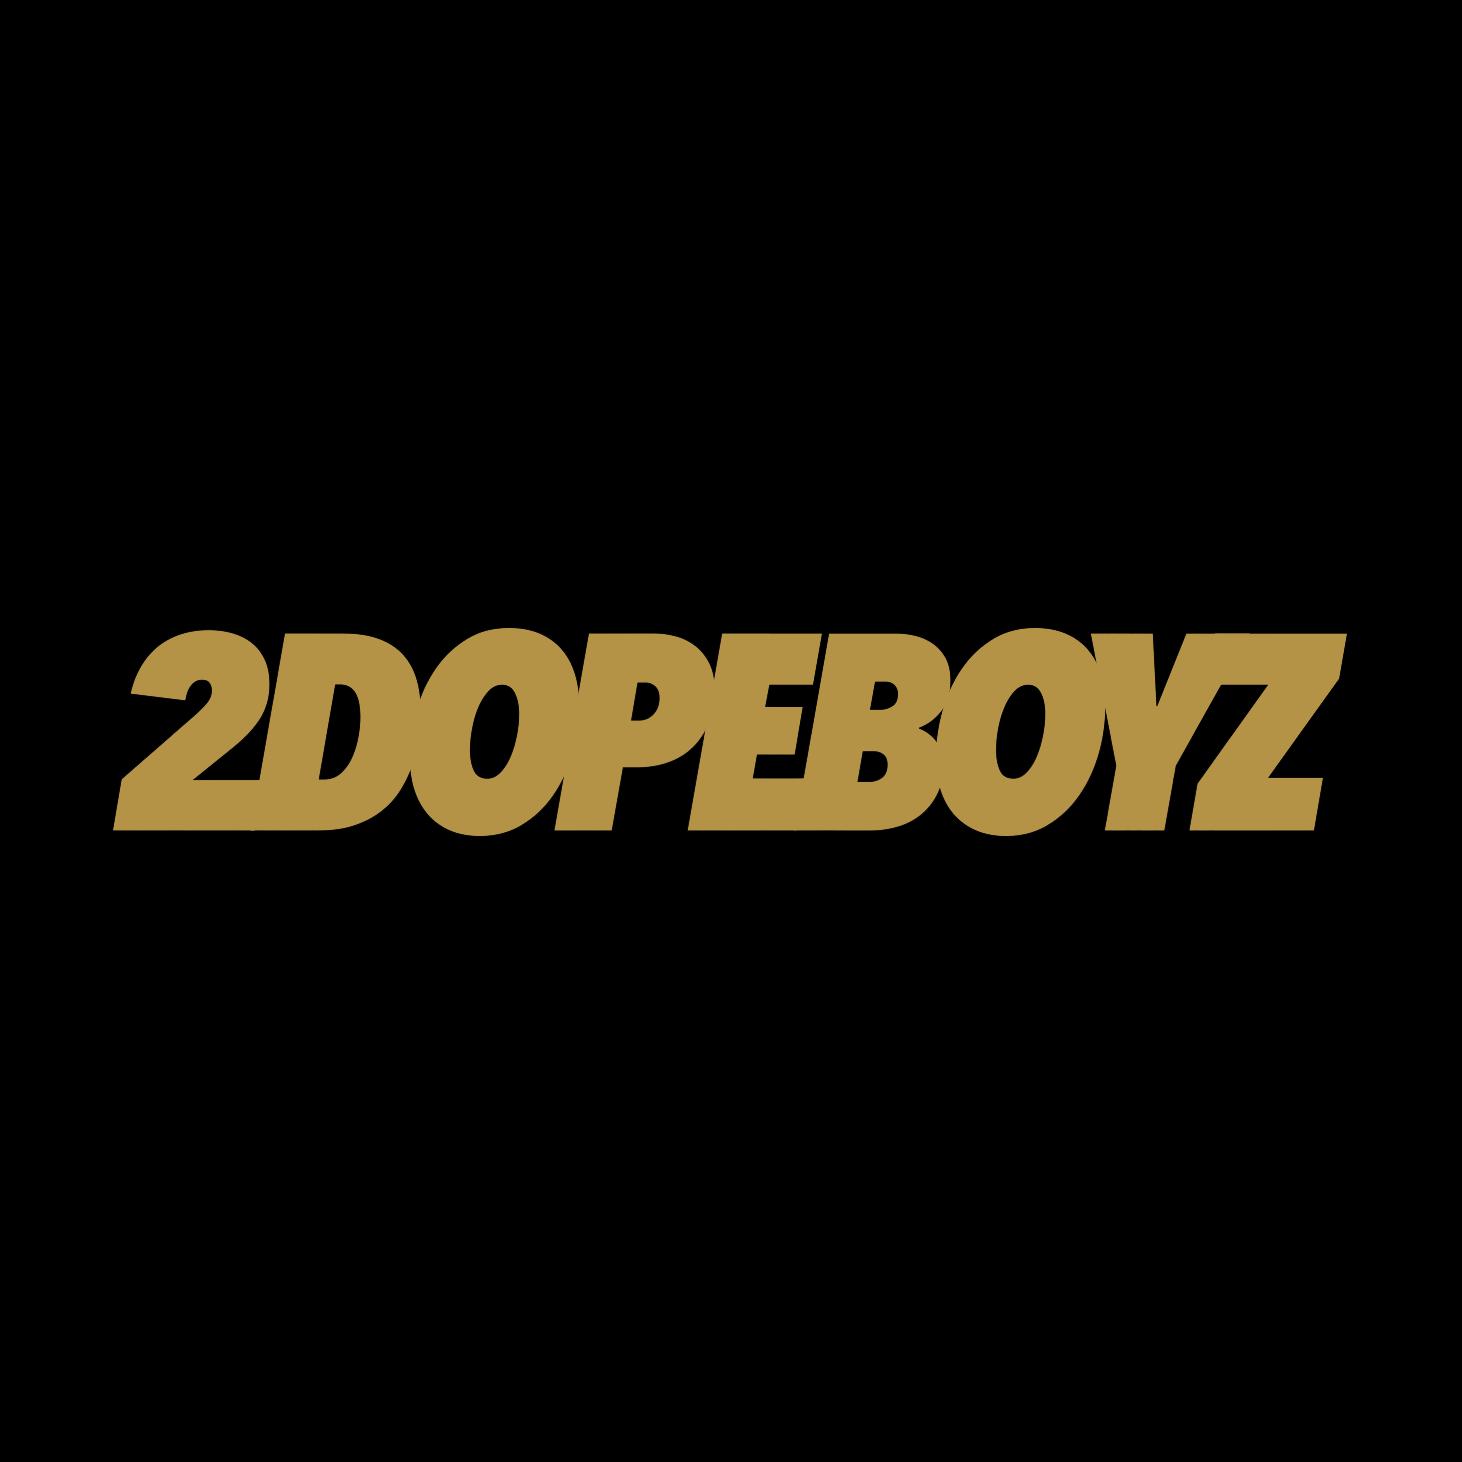 2dopeboyz-logo.png